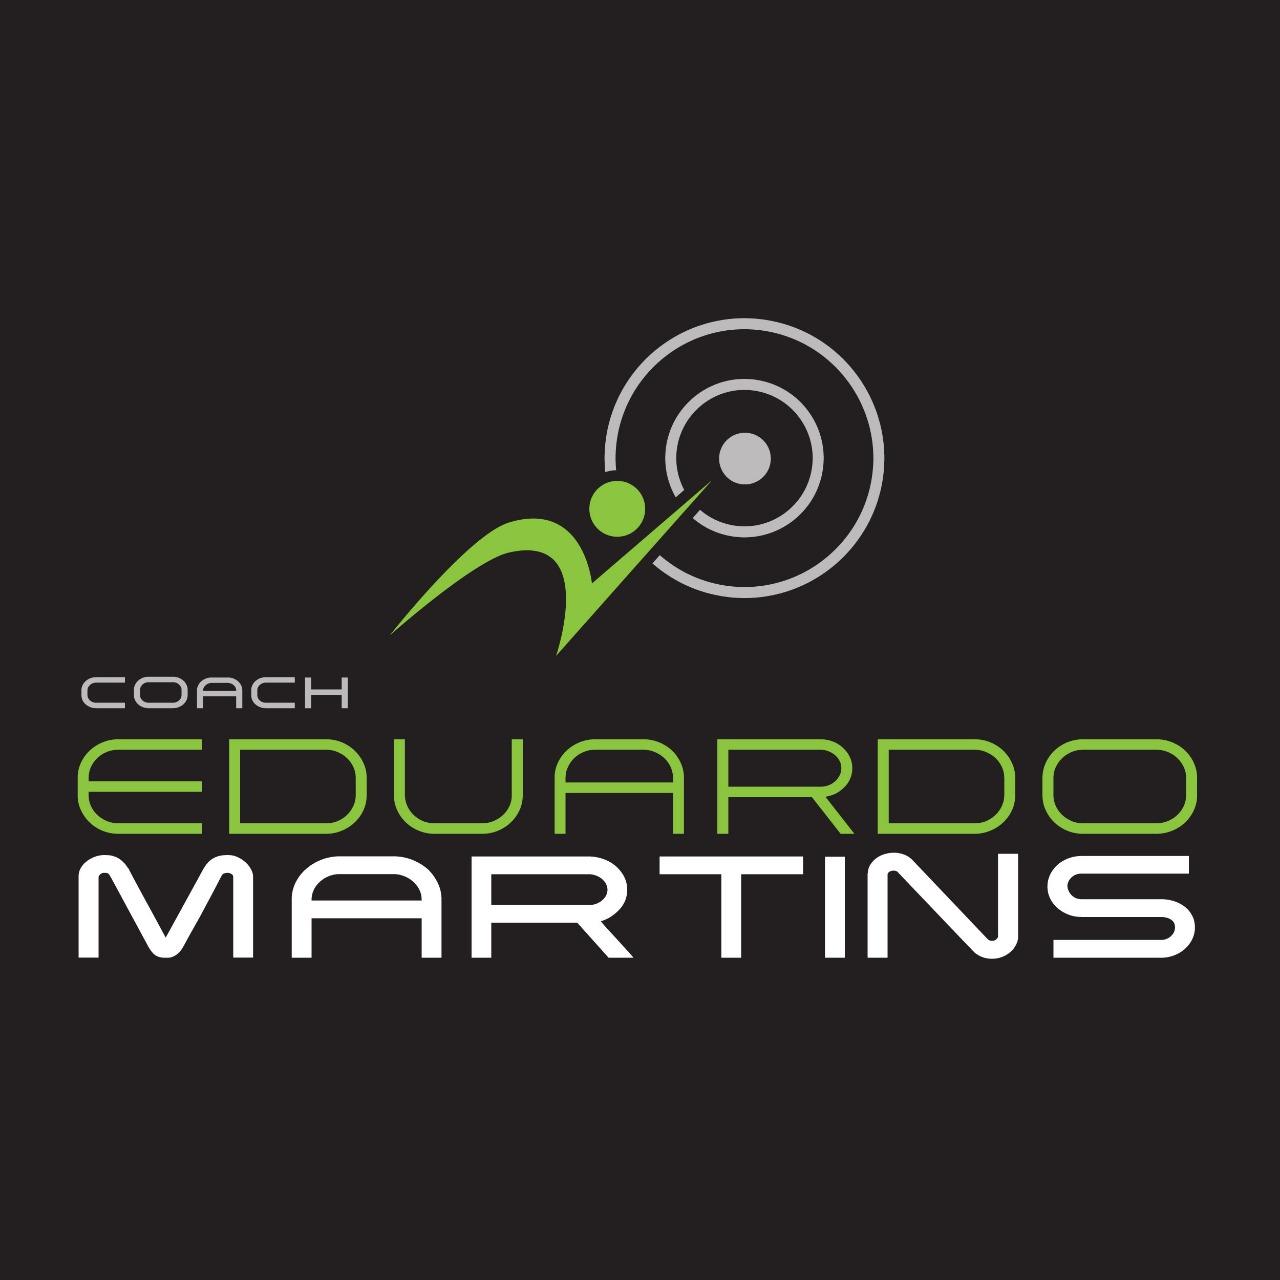 Coach Eduardo Martins